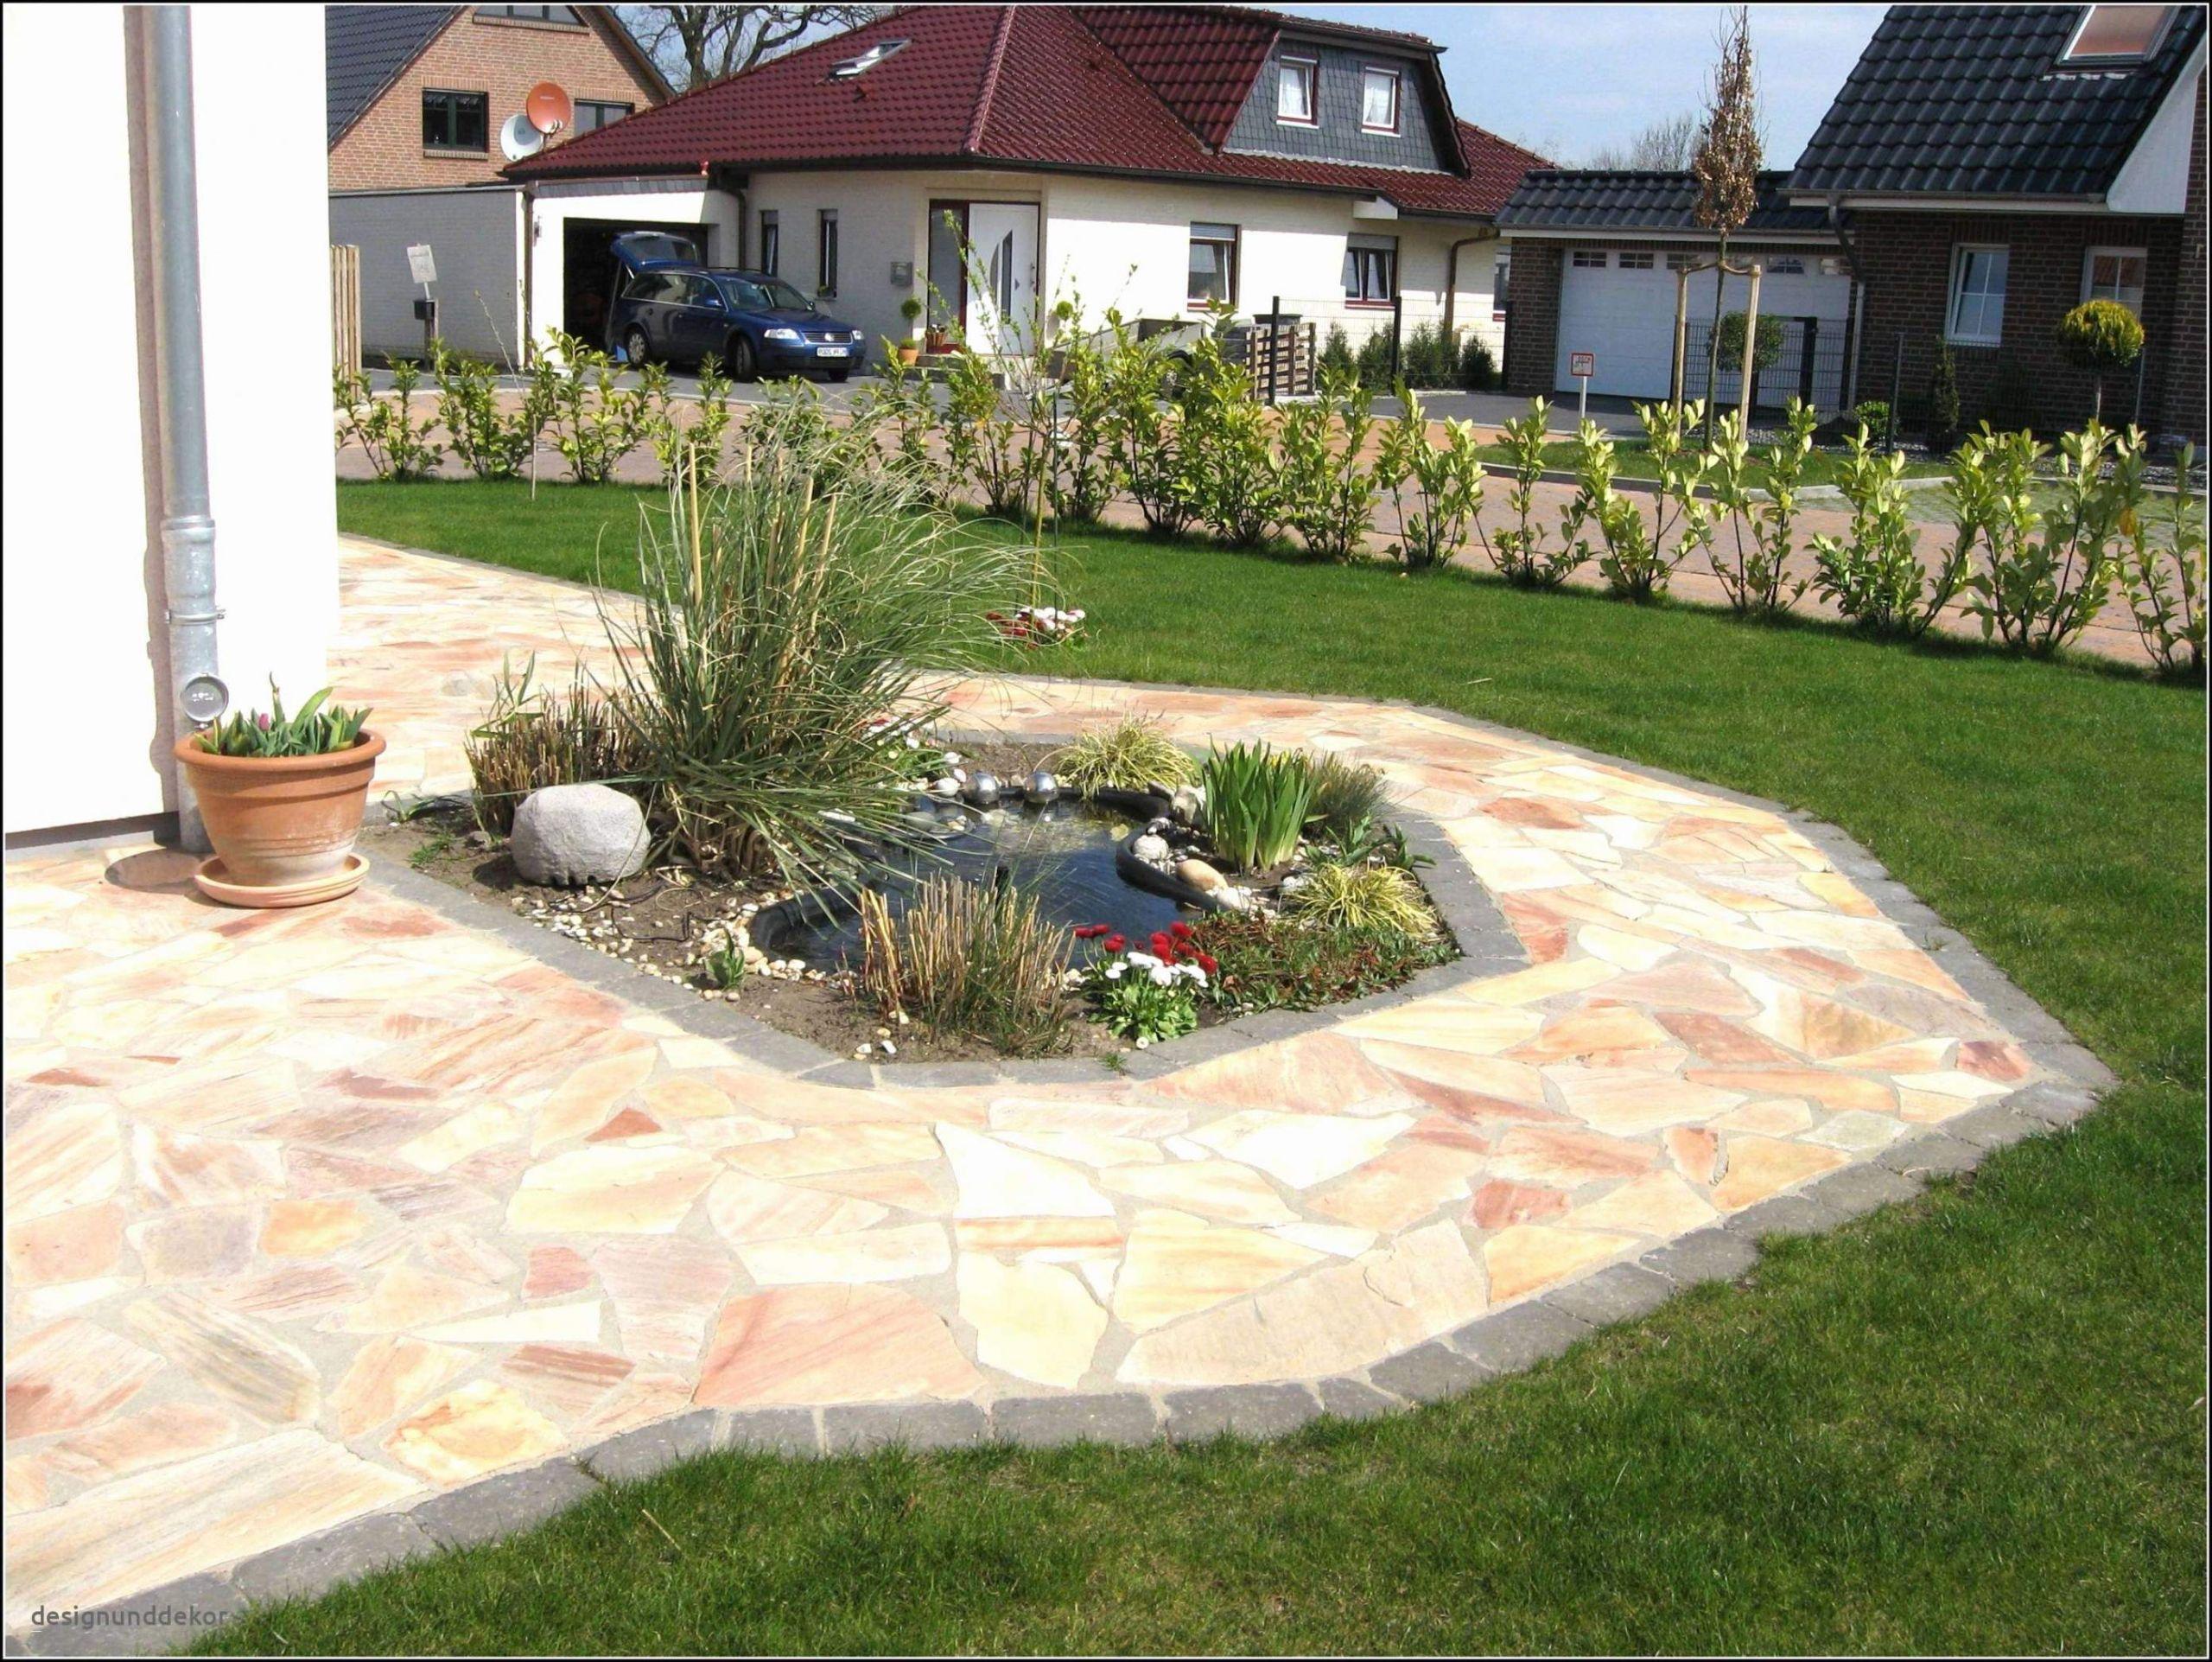 Holzleiter Deko Garten Genial 36 Luxus Garten Am Hang Ideen Bilder Inspirierend